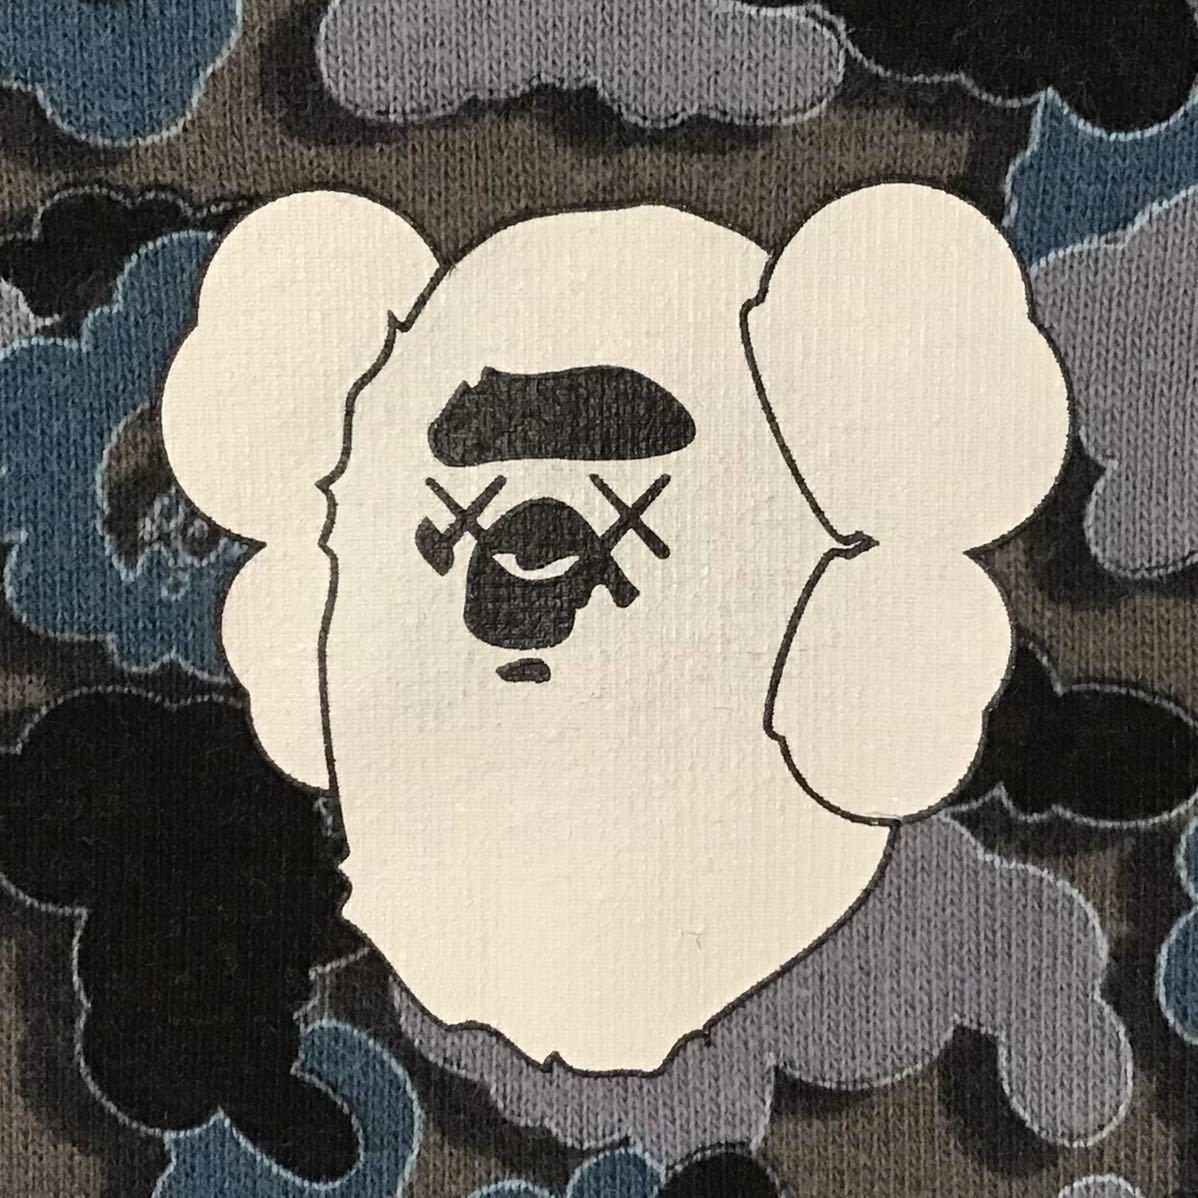 ★リバーシブル★ kaws × bape 長袖スウェット Lサイズ cloud camo a bathing ape reversible sweat エイプ ベイプ カウズ 迷彩 ov8